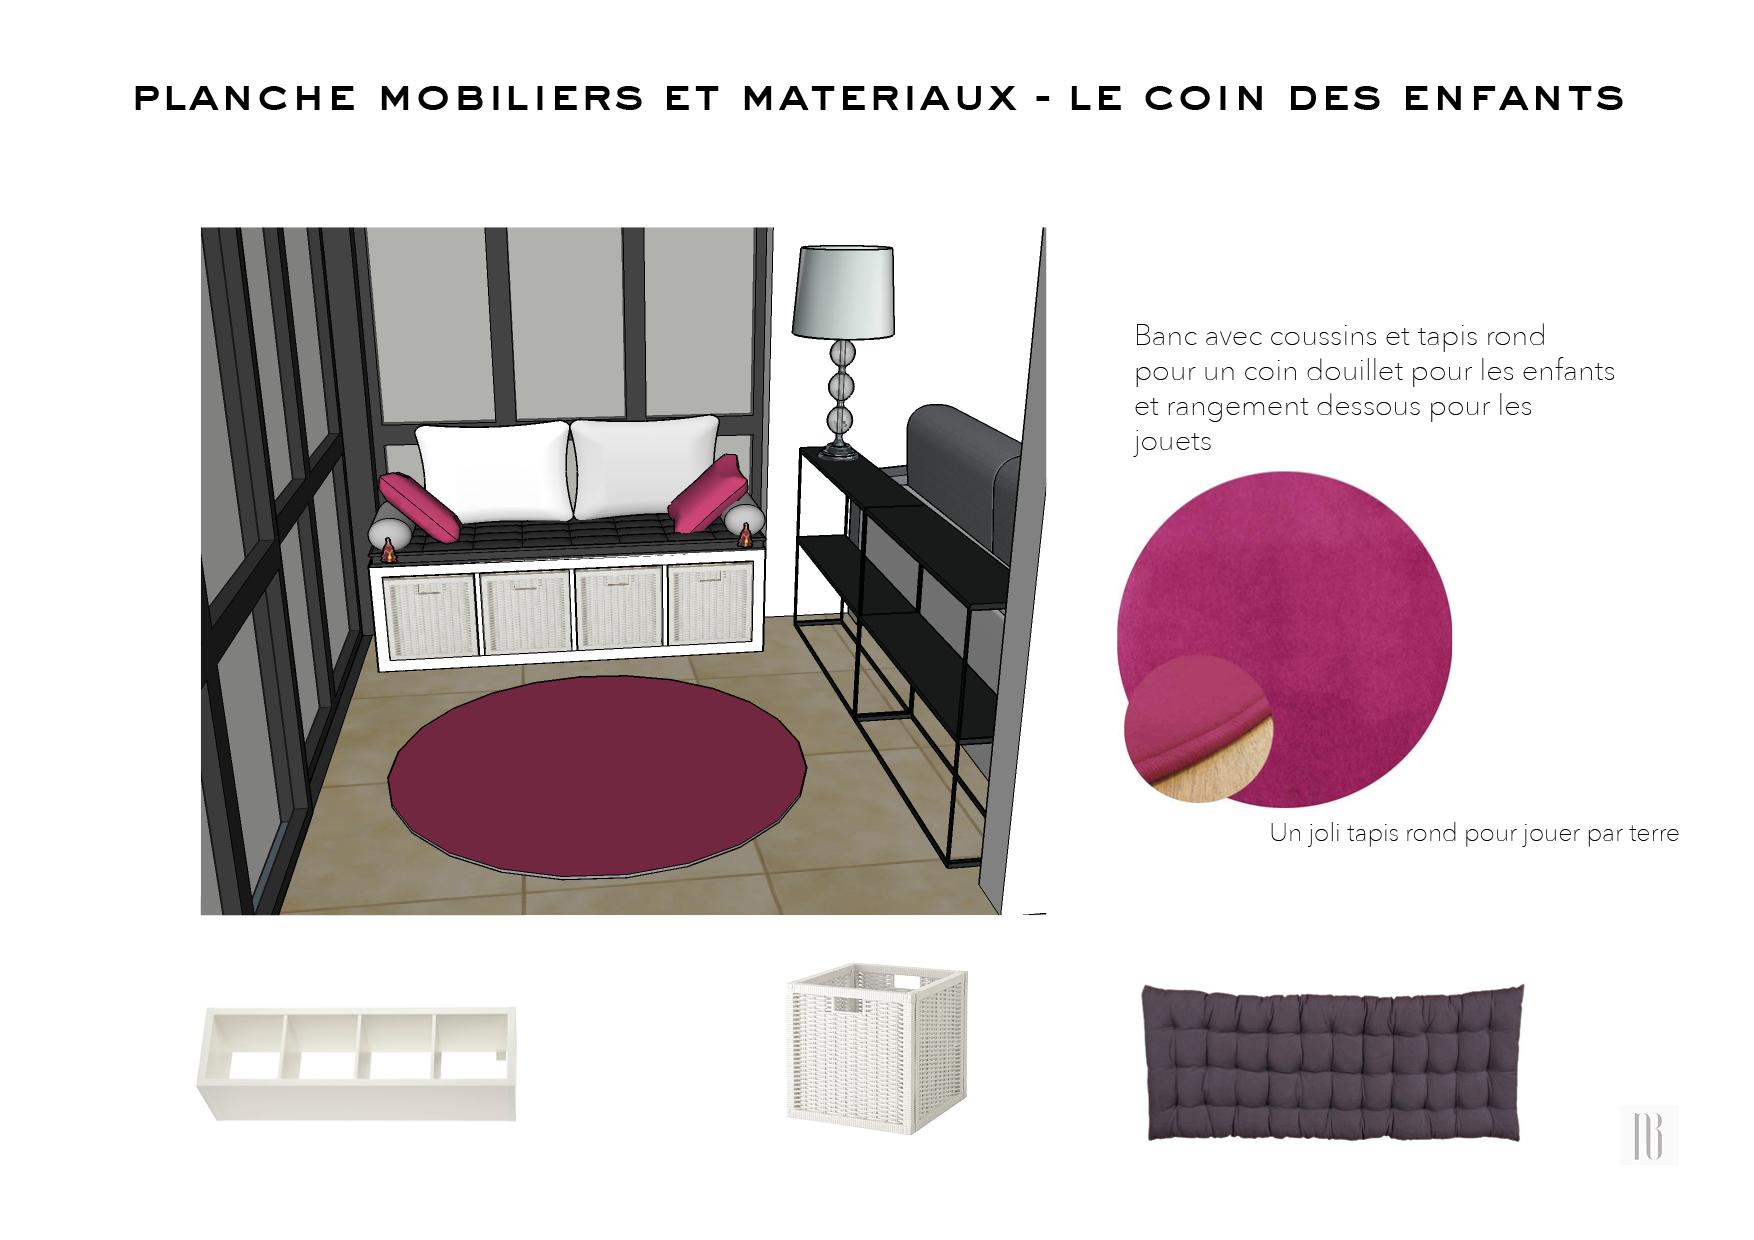 Nathalie Bossard décoration architecture intérieur Rennes 35 UFDI-390 Book déco maison individuelle bretagne sud 2019 planche mobilier et matériaux coin enfants